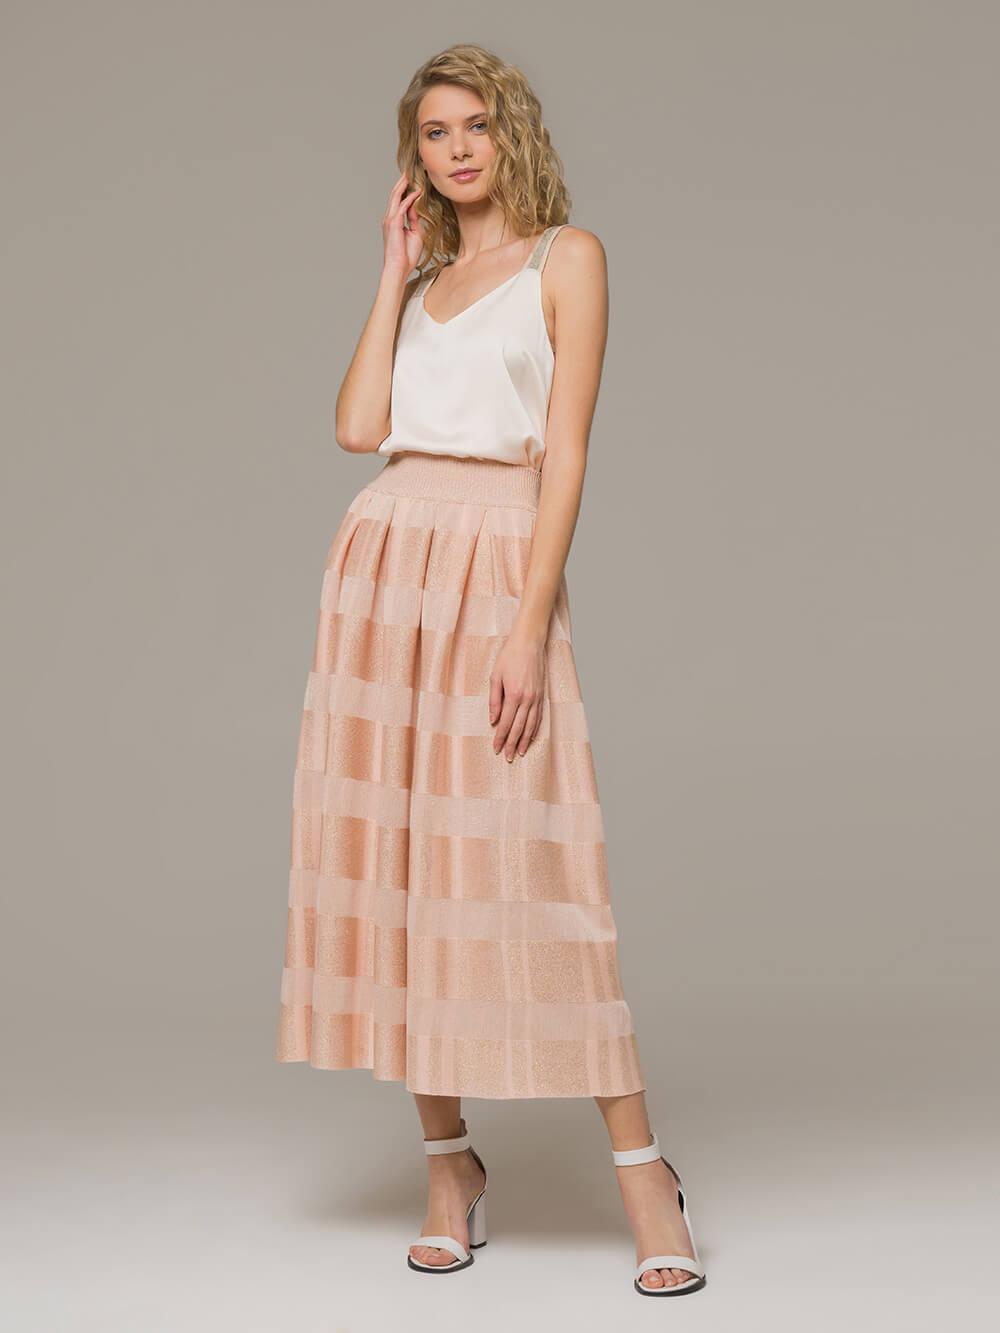 Женская юбка миди персикового цвета - фото 1